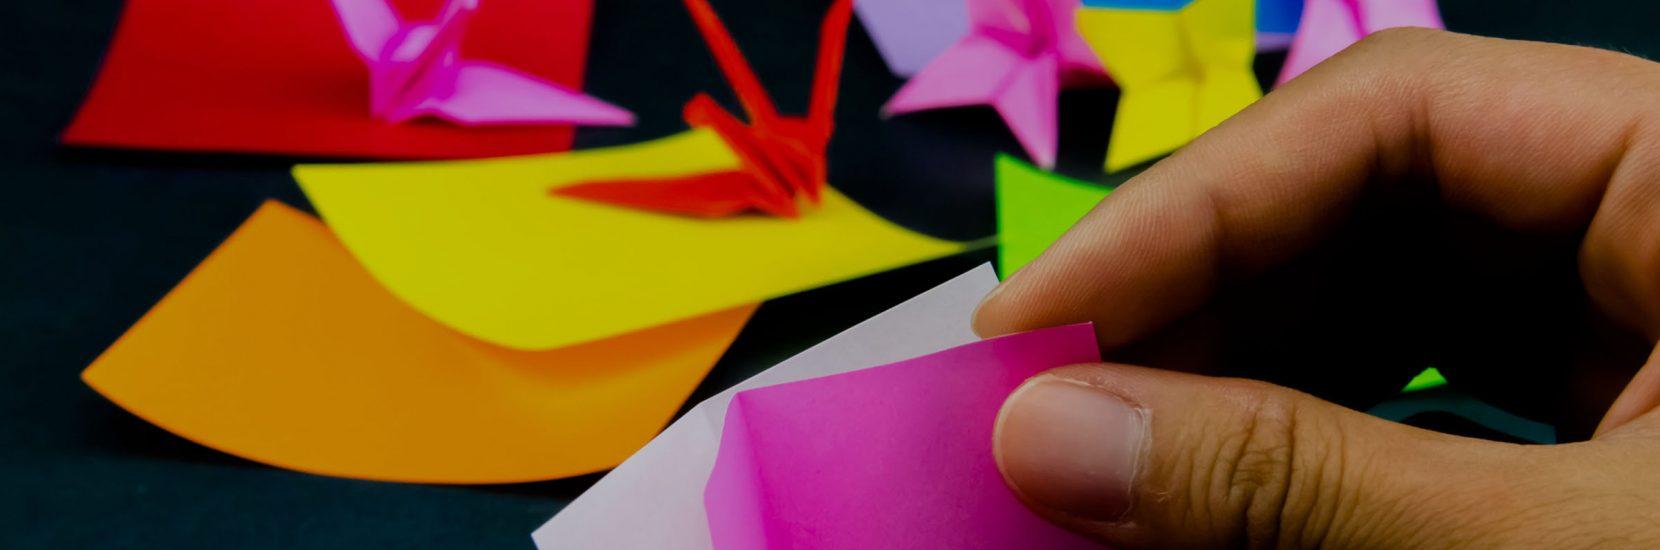 ART Creativ Slider Startseite 04